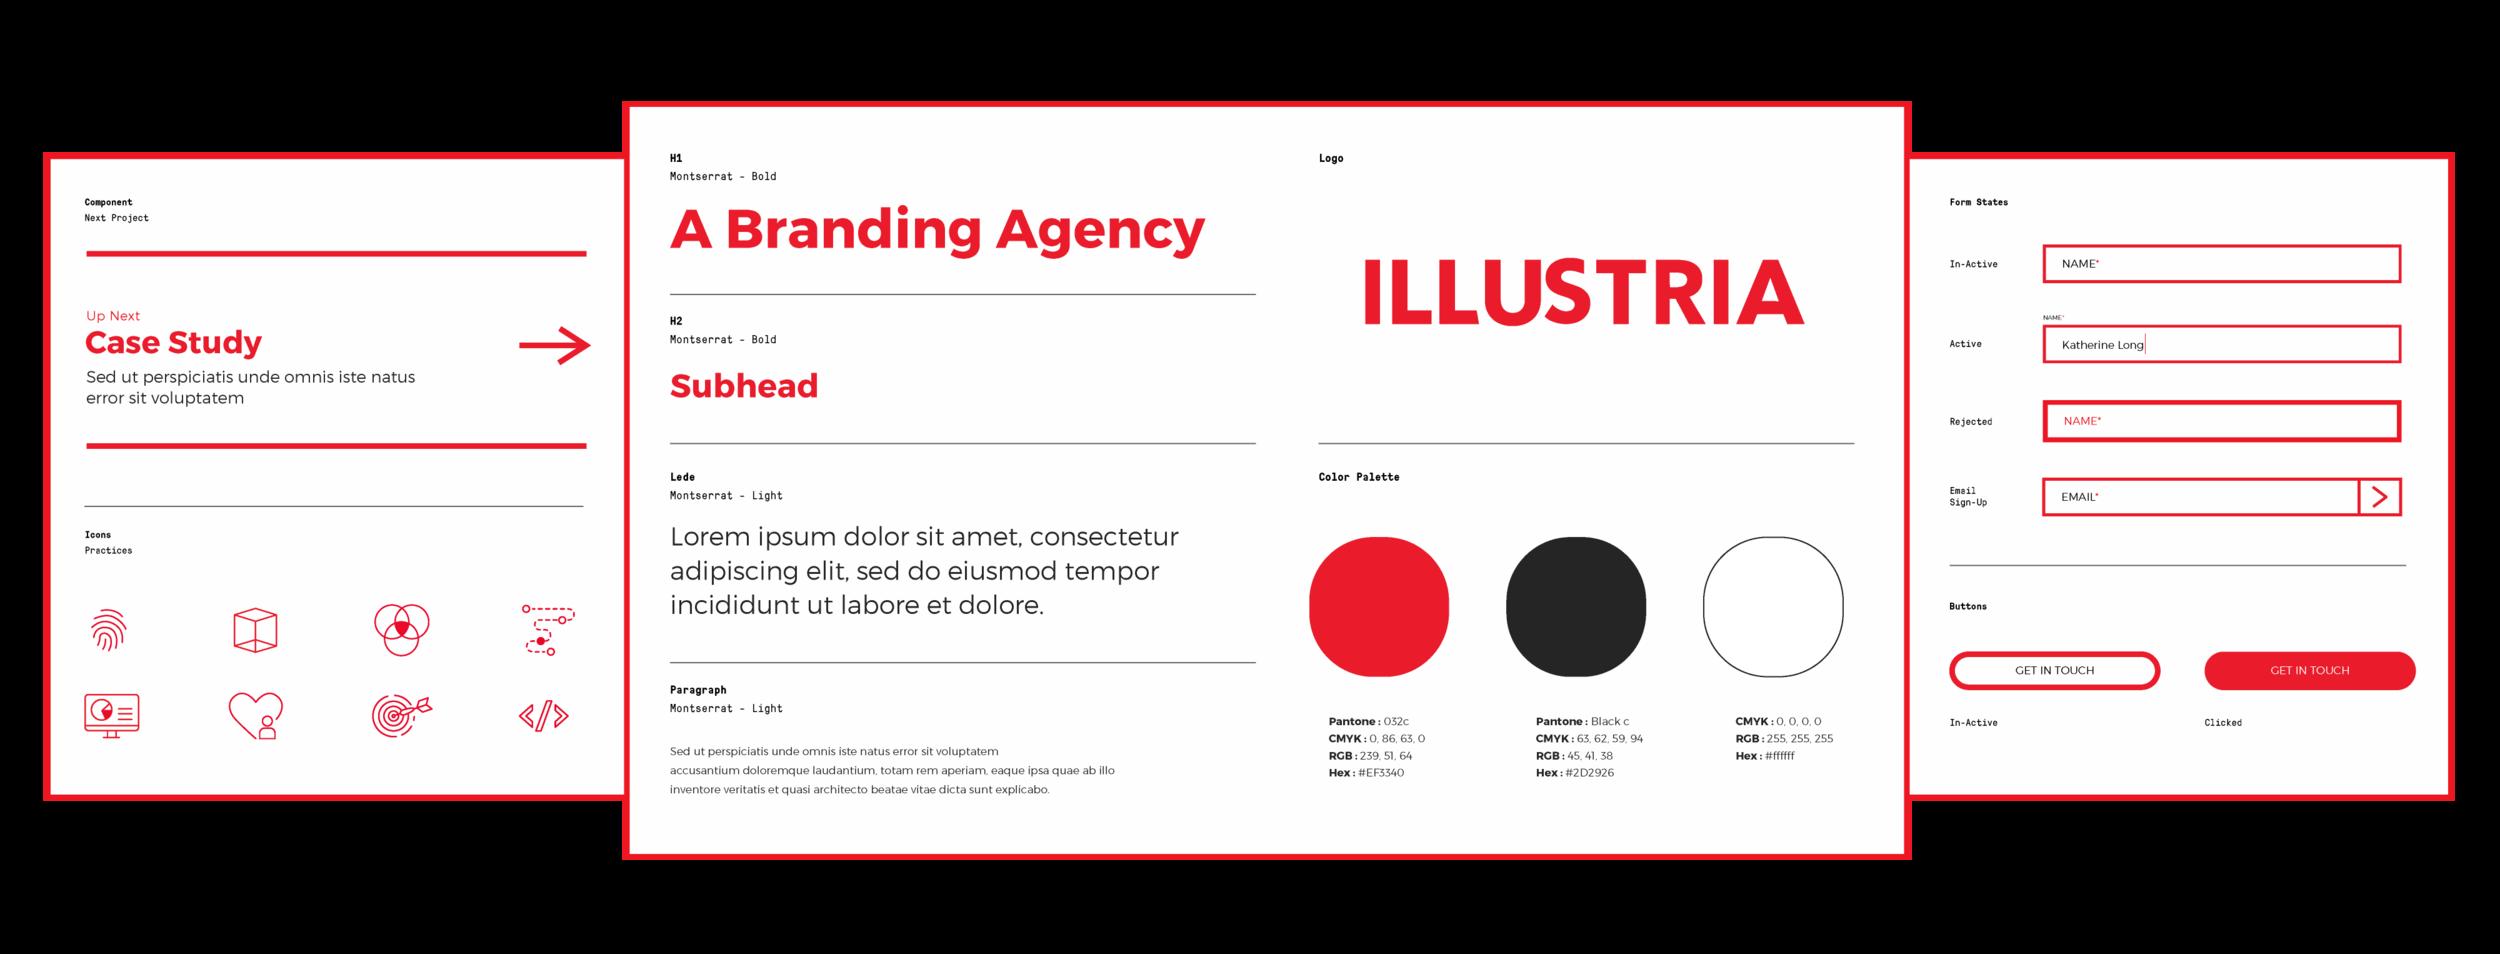 illustria-design_system-a.png